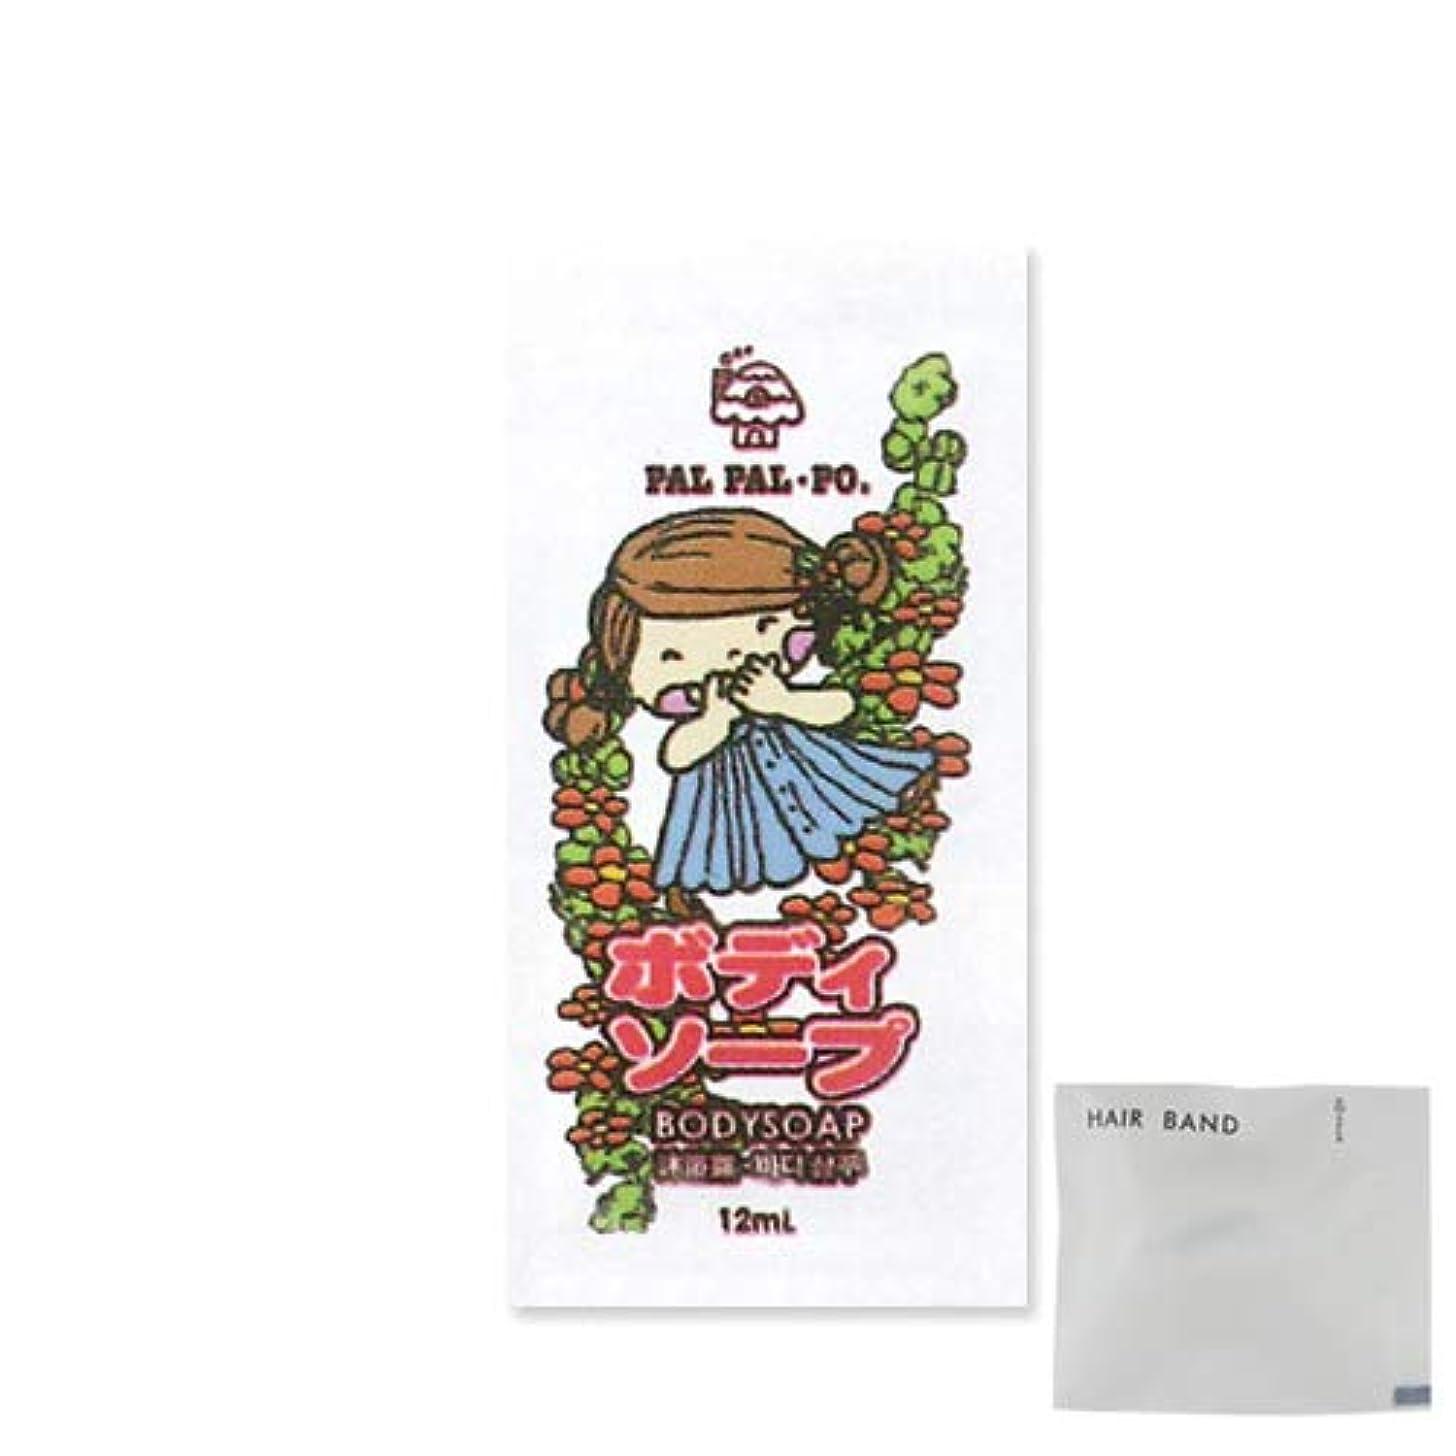 医学バンジージャンプスカウトパルパルポー(PAL PAL?PO) 子供用 ボディソープ(12mL) フローラルの香り ×20個セット + ヘアゴム(カラーはおまかせ)セット